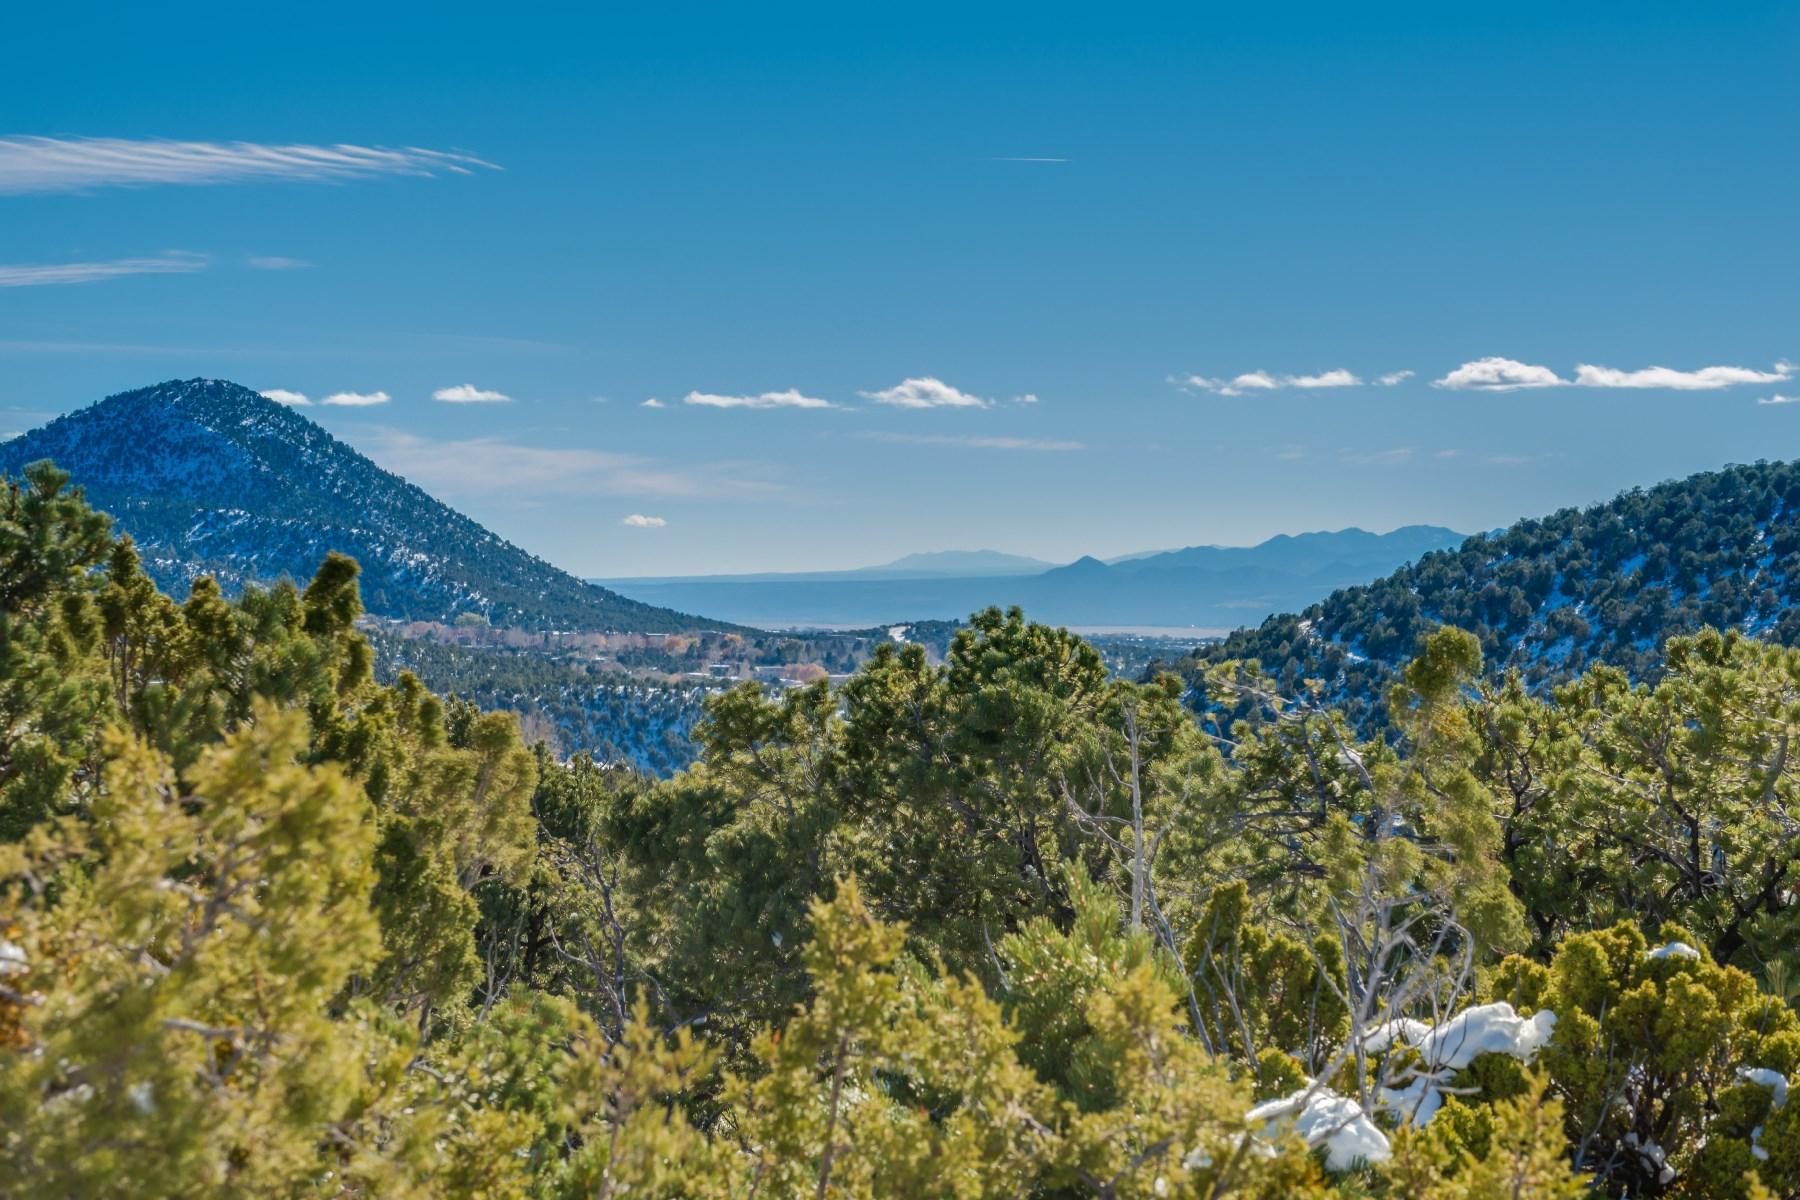 단독 가정 주택 용 매매 에 1981 Cerros Colorados+Lot 111 Los Cerros 1981 Cerros Colorados + Lot 111 Los Cerros Santa Fe, 뉴멕시코, 87501 미국